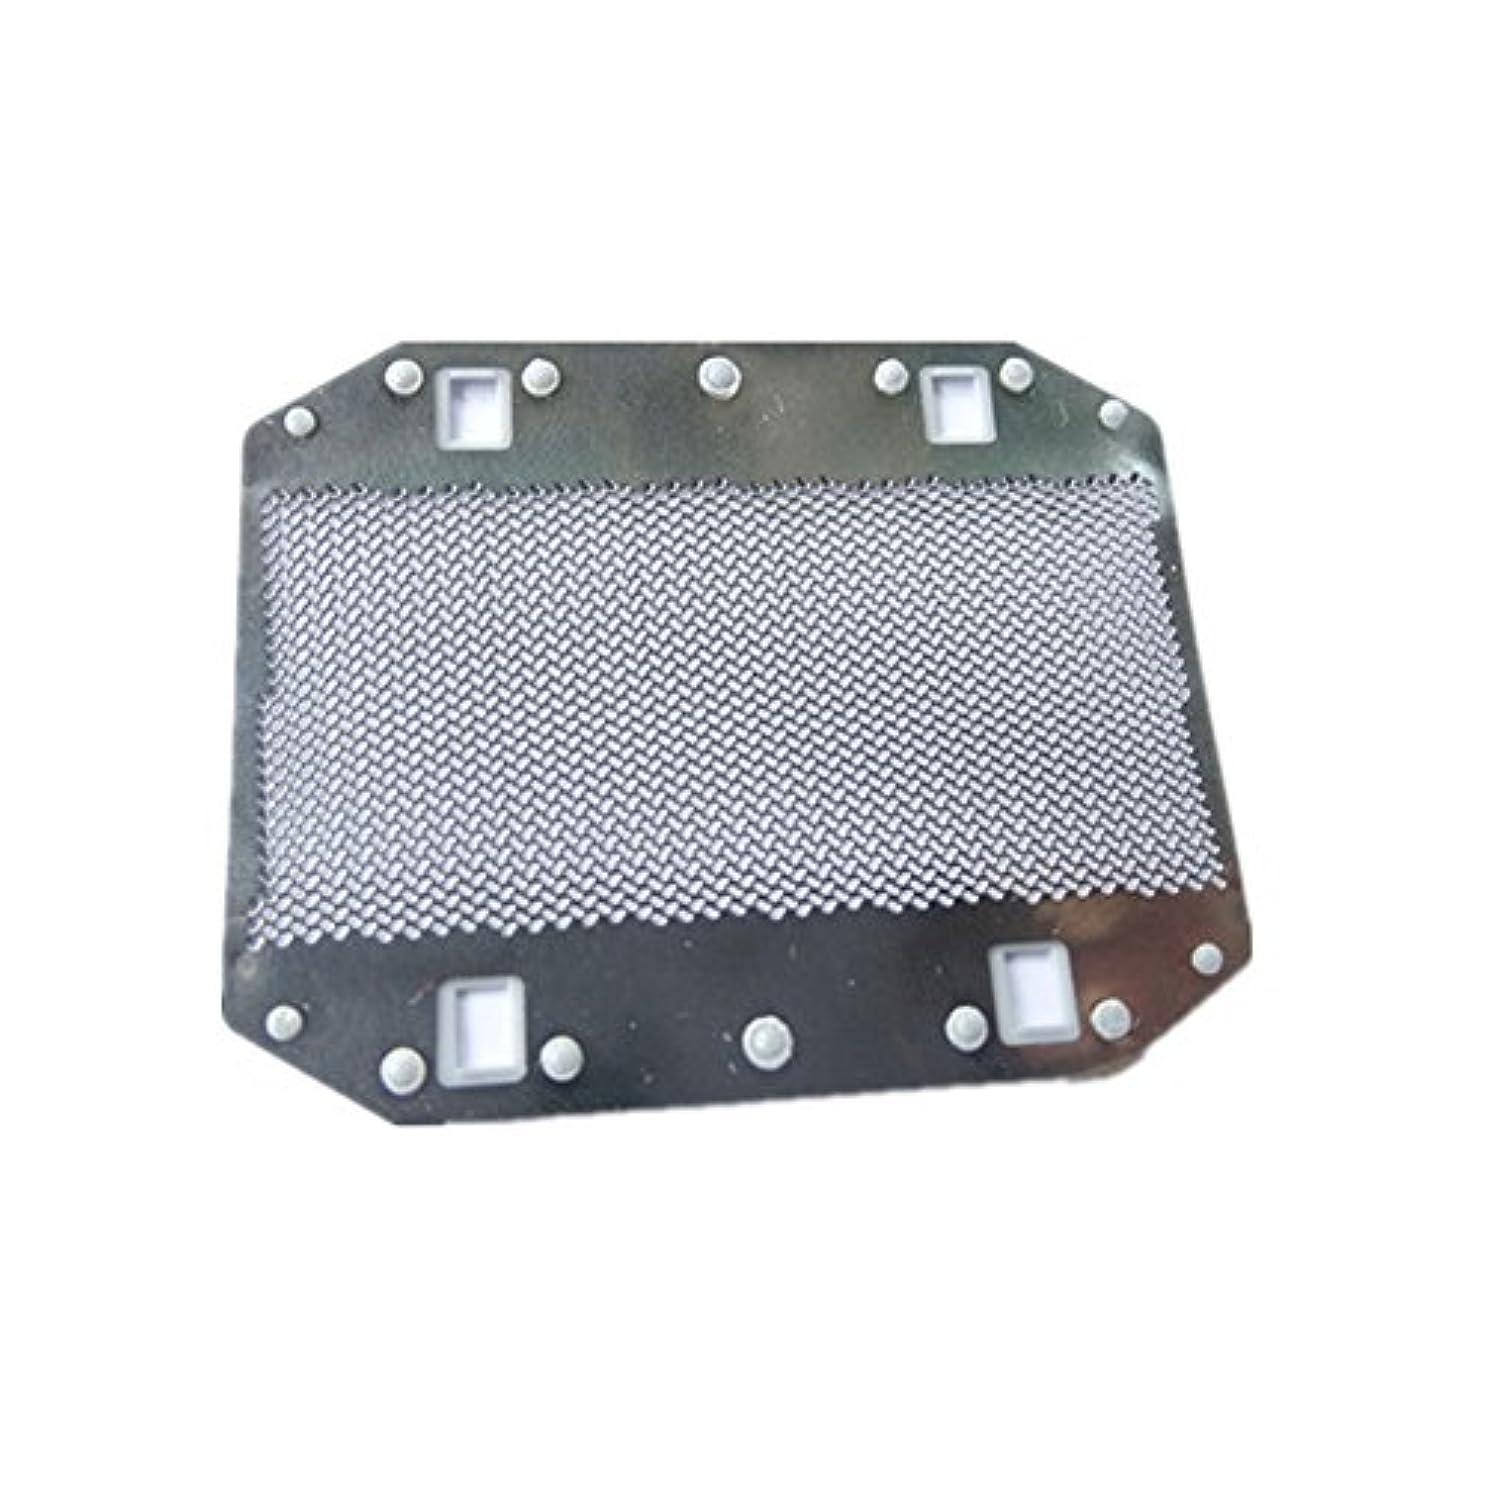 忘れられない阻害する基礎HZjundasi シェーバー剃刀 Outer ホイル for Panasonic ES3050/376/317/RC40/RP20 ES9943C